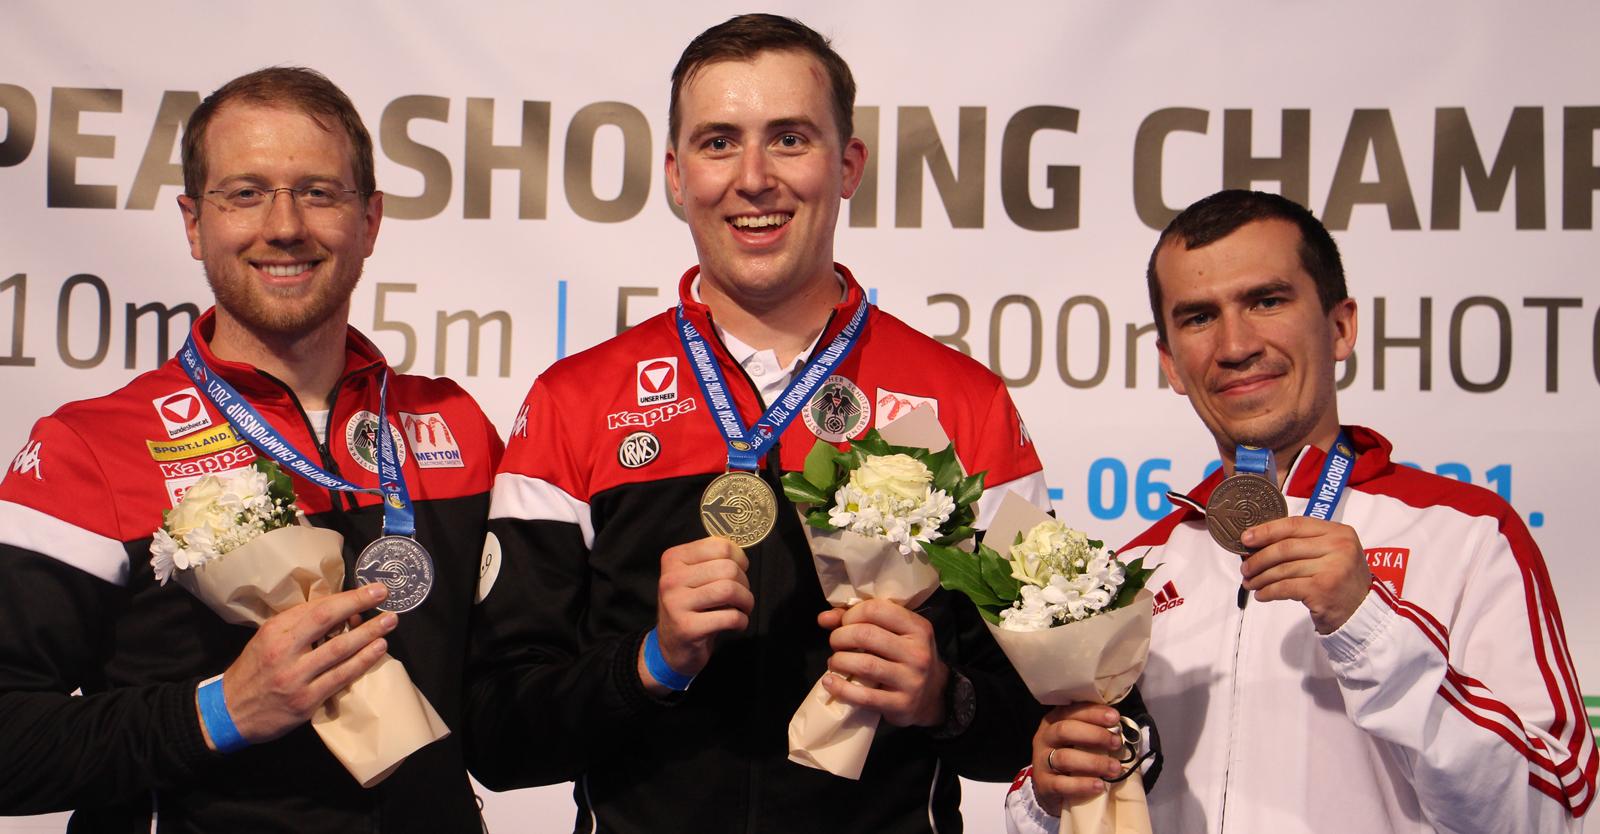 Gernot Rumpler (Mitte) und Bernhard Pickl beschließen das Dreistellungsmatch mit dem 300m-Standardgewehr ringgleich und holen zwei weitere Medaillen für Österreich © Margit Melmer, ÖSB